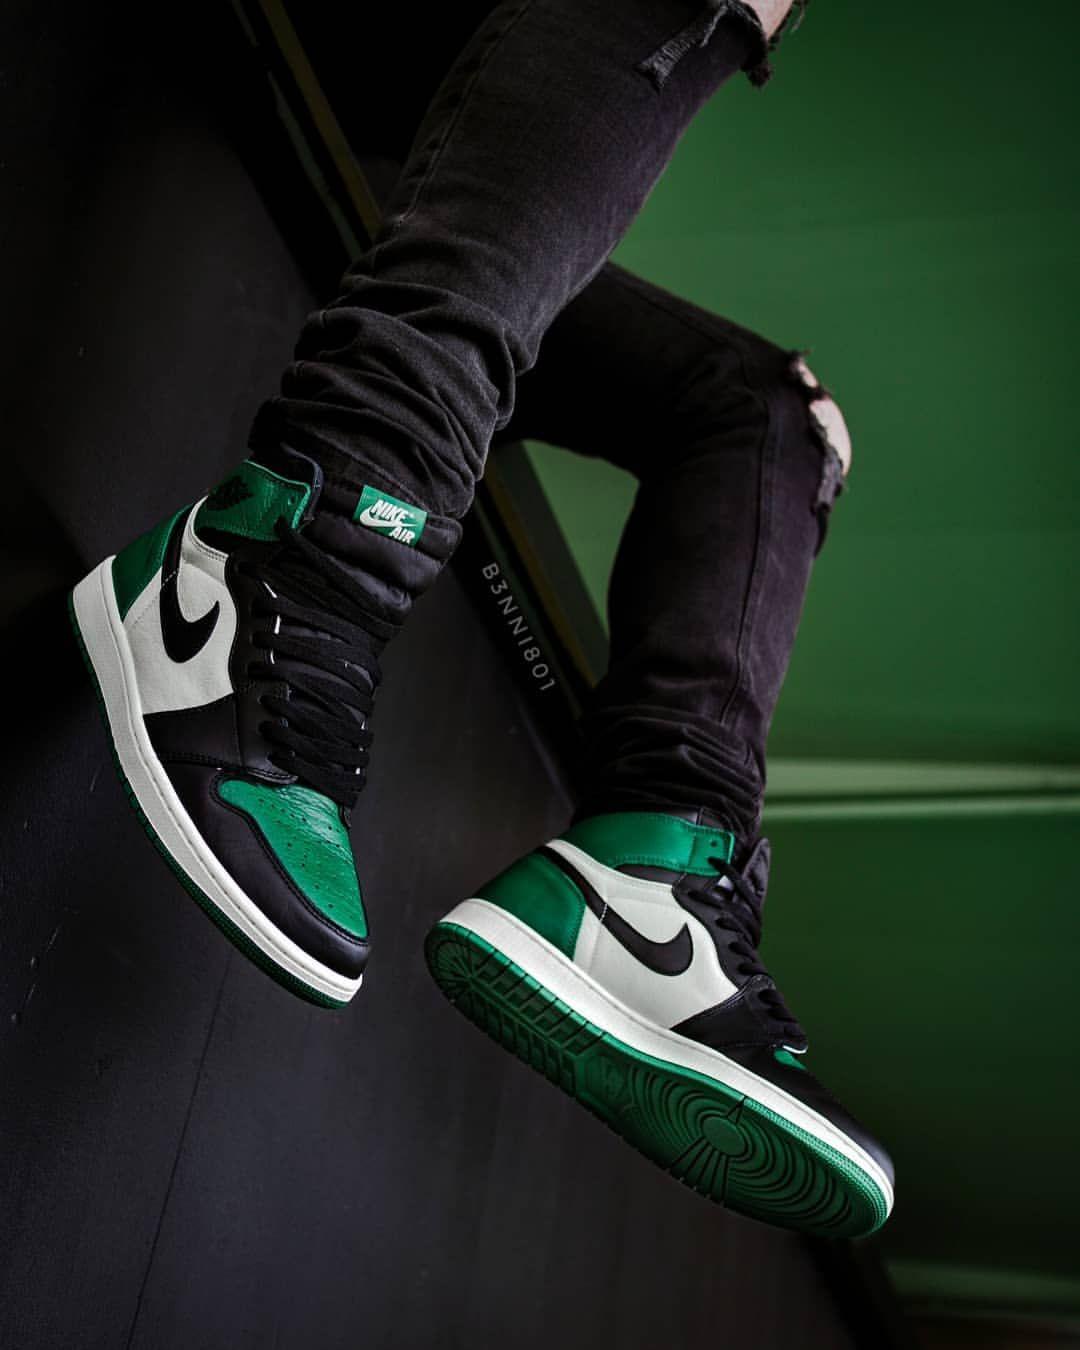 Nike Air Jordan I Pine Green Sneakers Men Fashion Sneakers Hot Sneakers